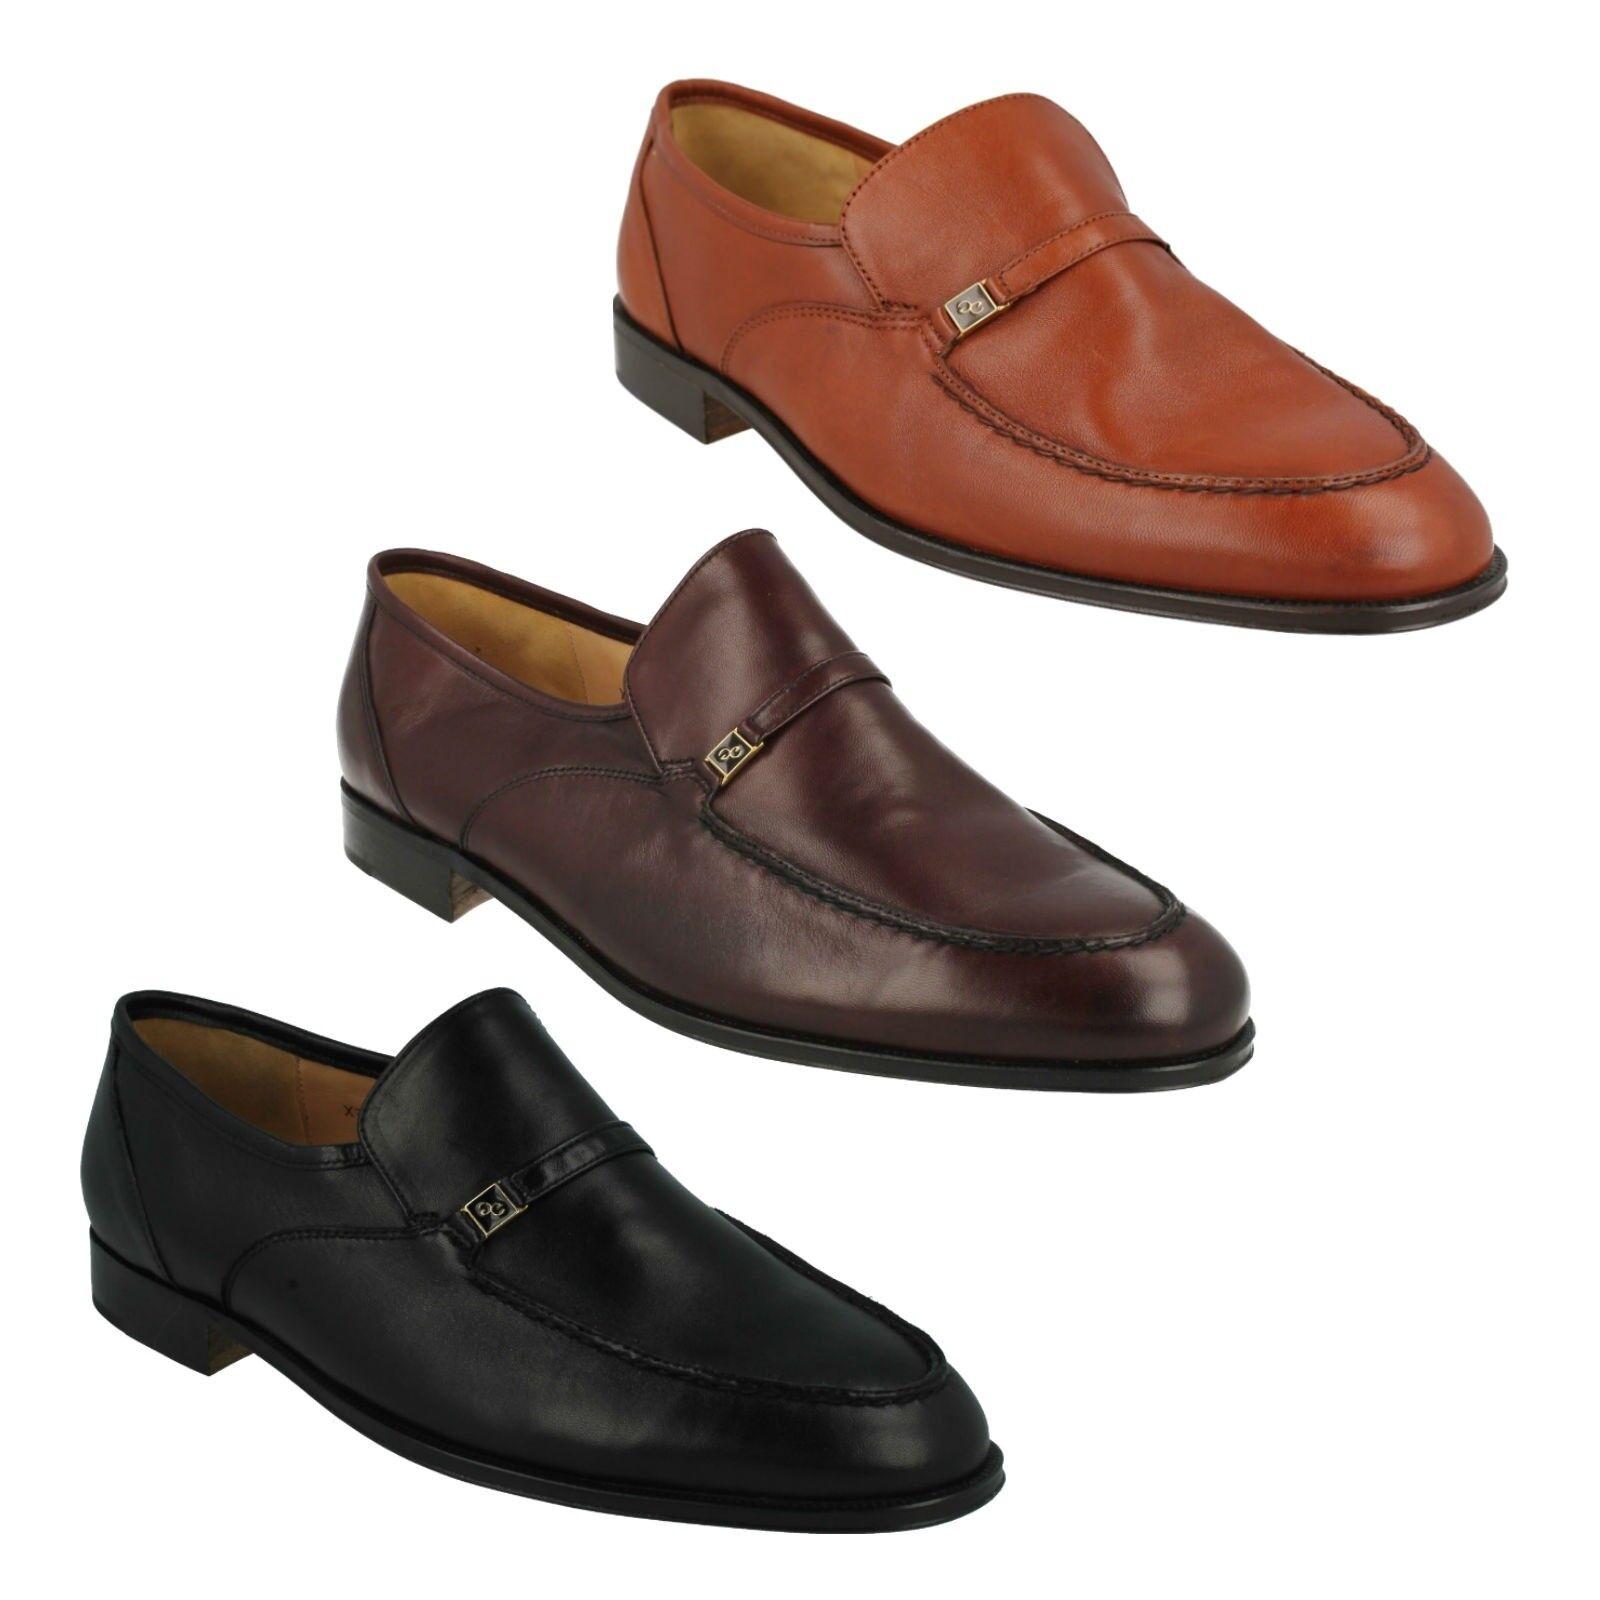 Los últimos zapatos de descuento para hombres y mujeres Hombre Formal Negro Trabajo Marrón Burdeos Elegante Zapatos Mocasín Grenson